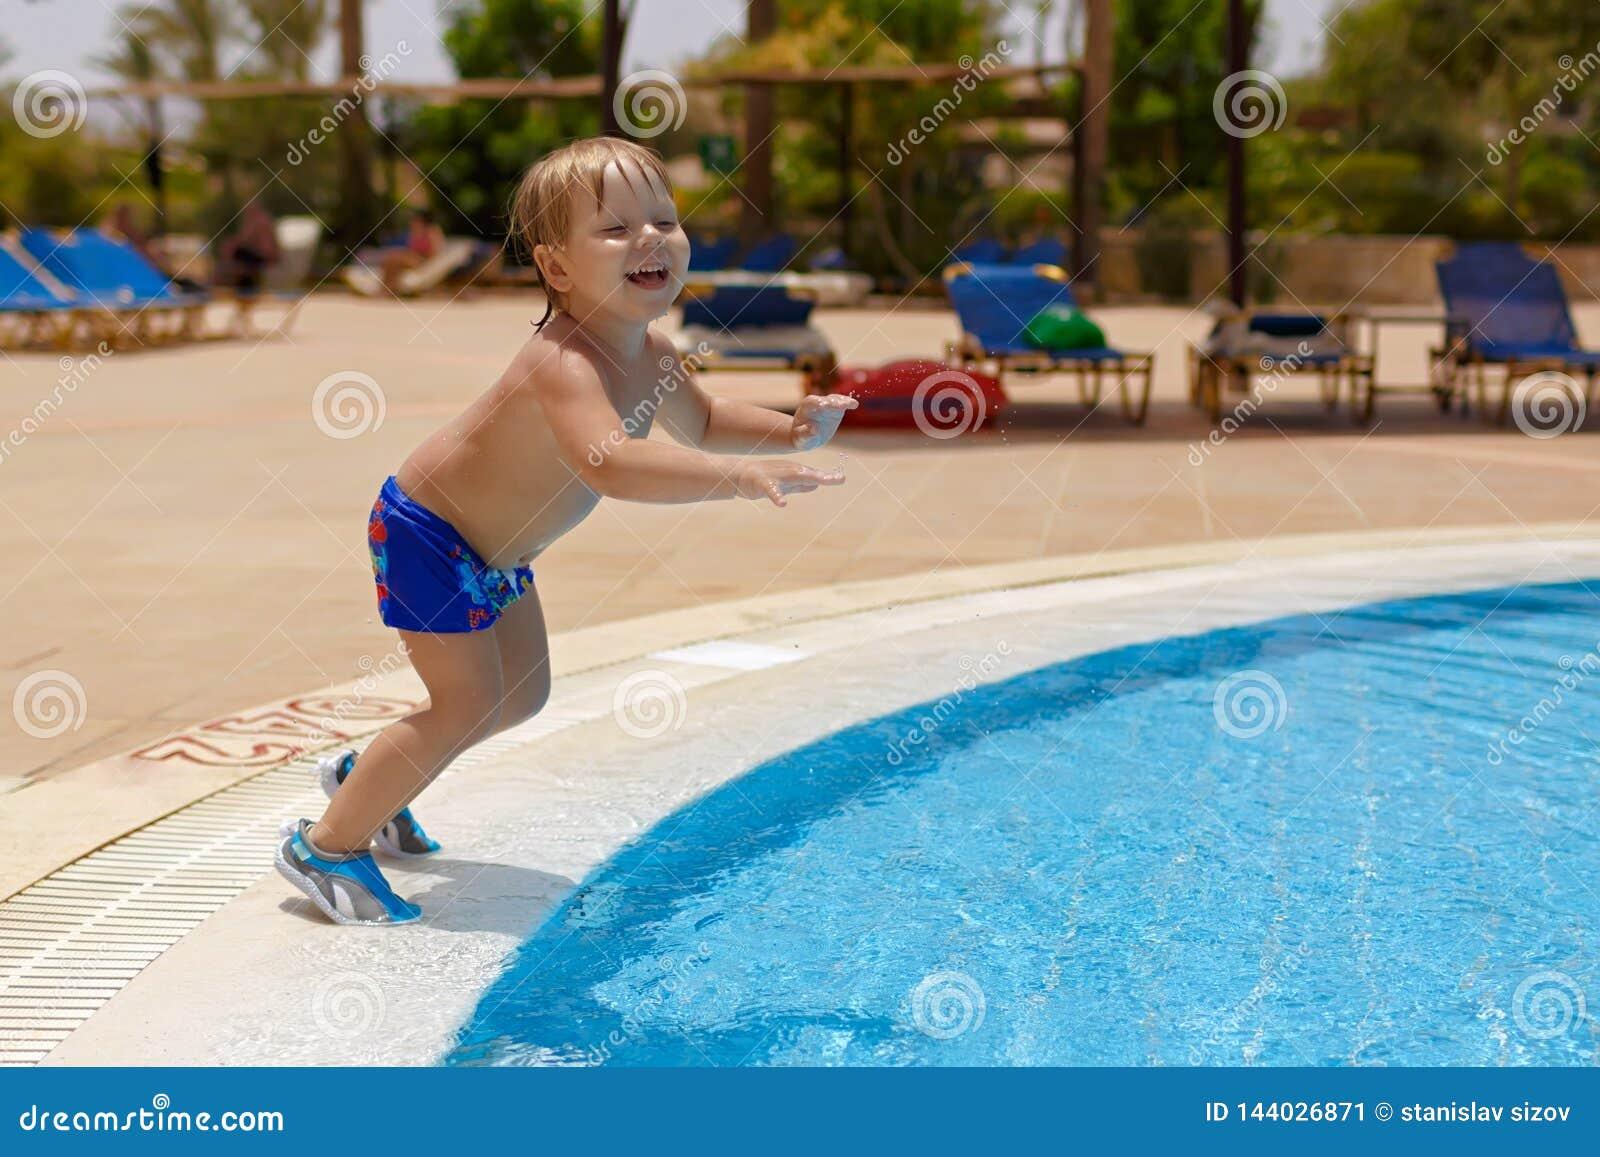 Z podnieceniem z włosami dziecko chłopiec iść skakać w basen